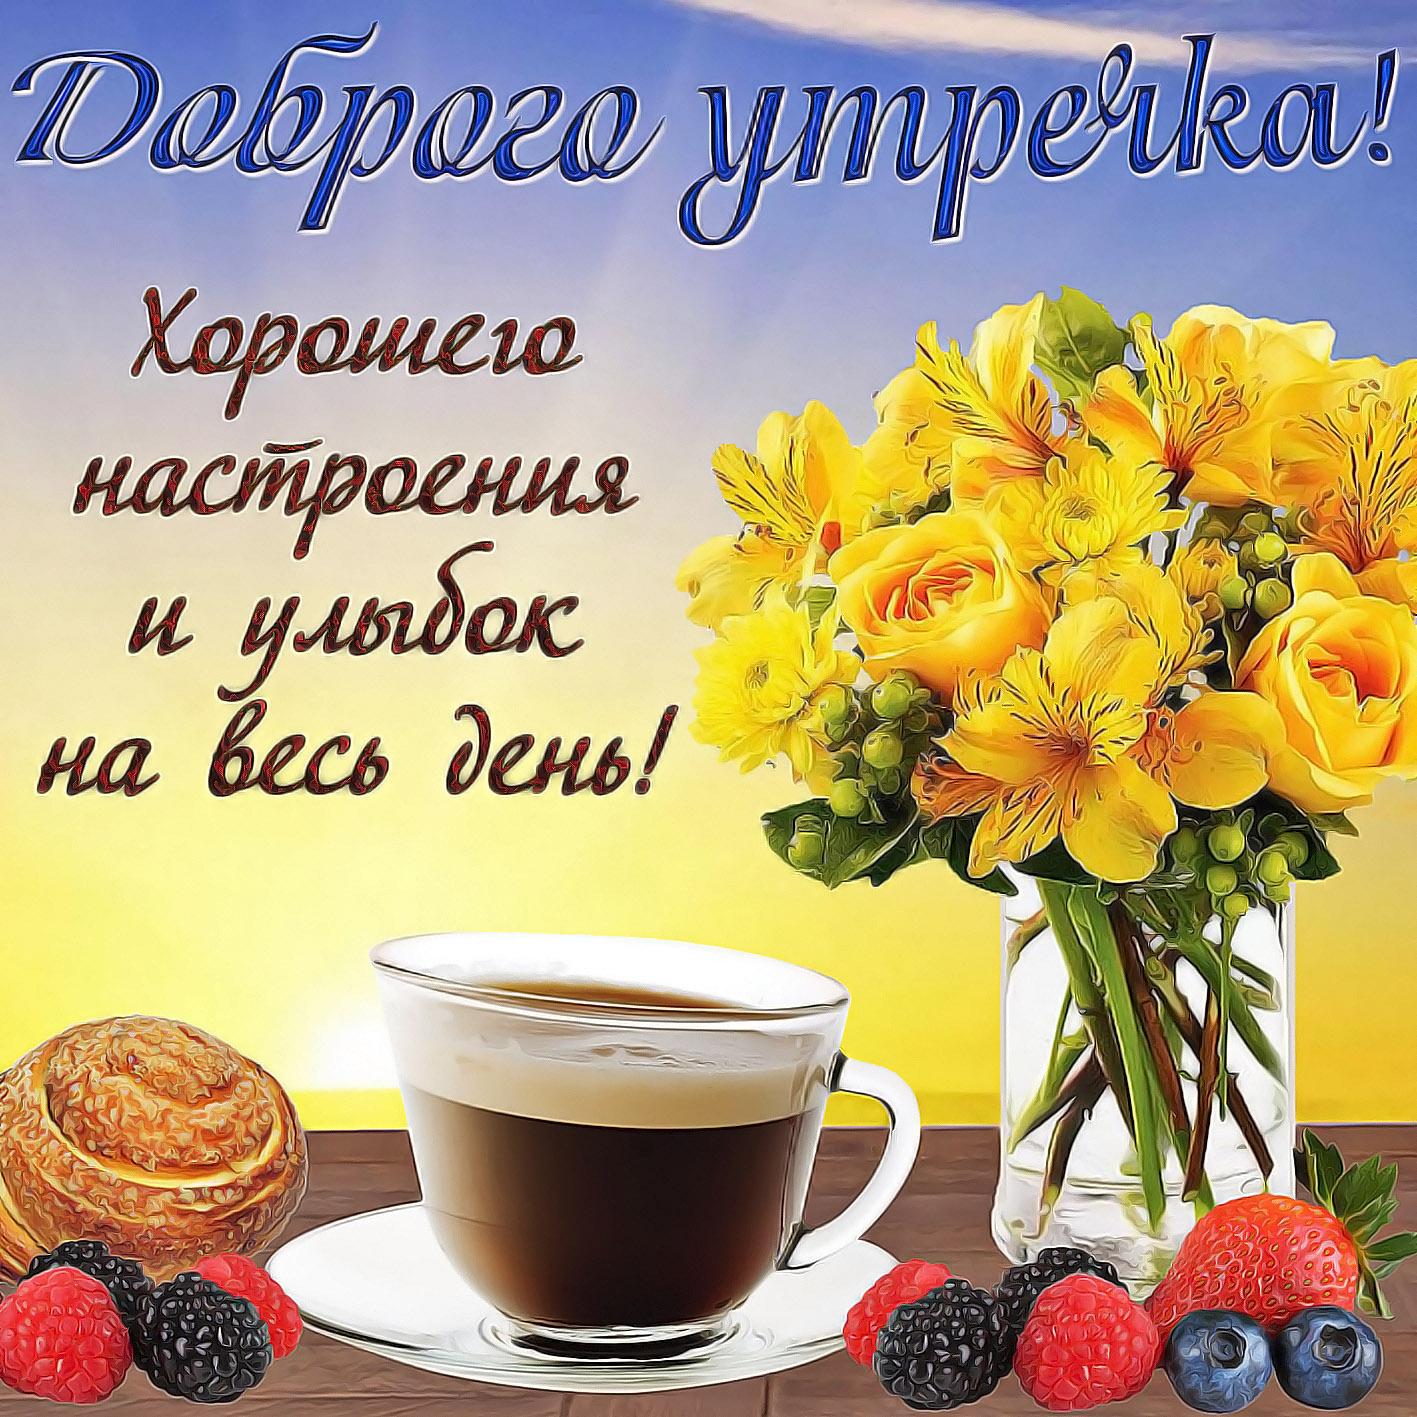 Добрейшего утра и дня картинки красивые